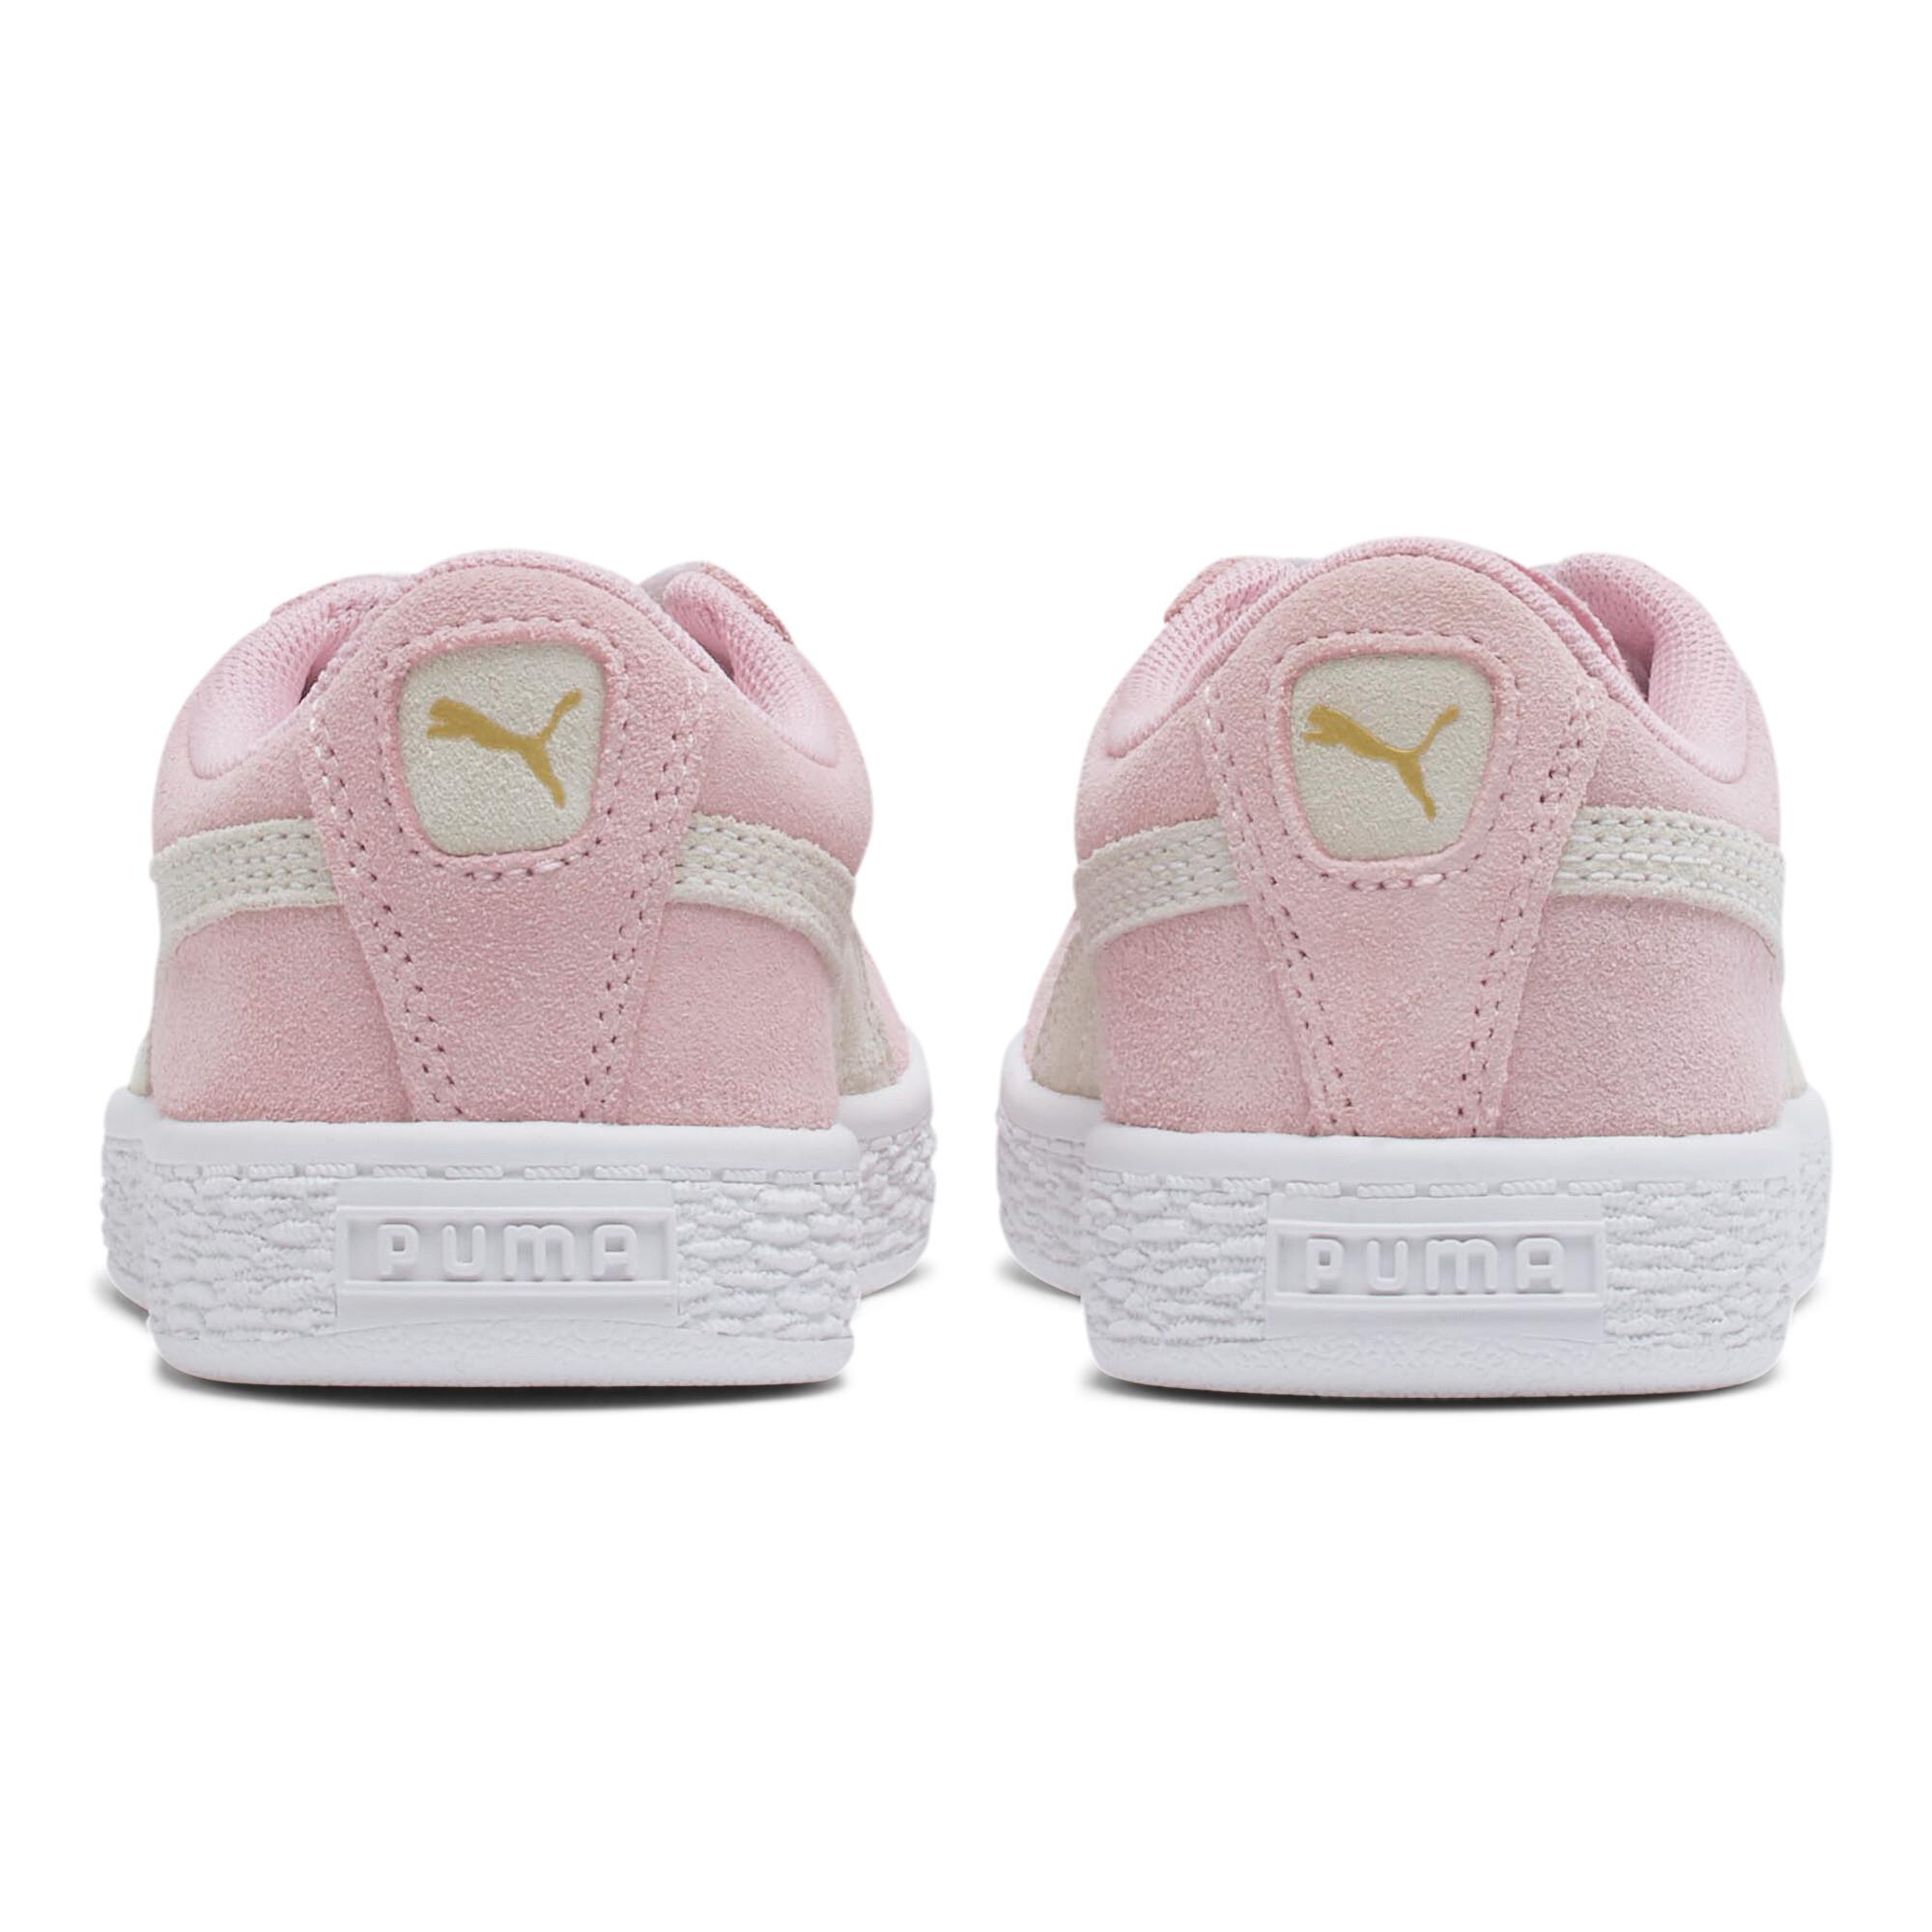 PUMA-Suede-Little-Kids-039-Shoes-Kids-Shoe-Kids thumbnail 3